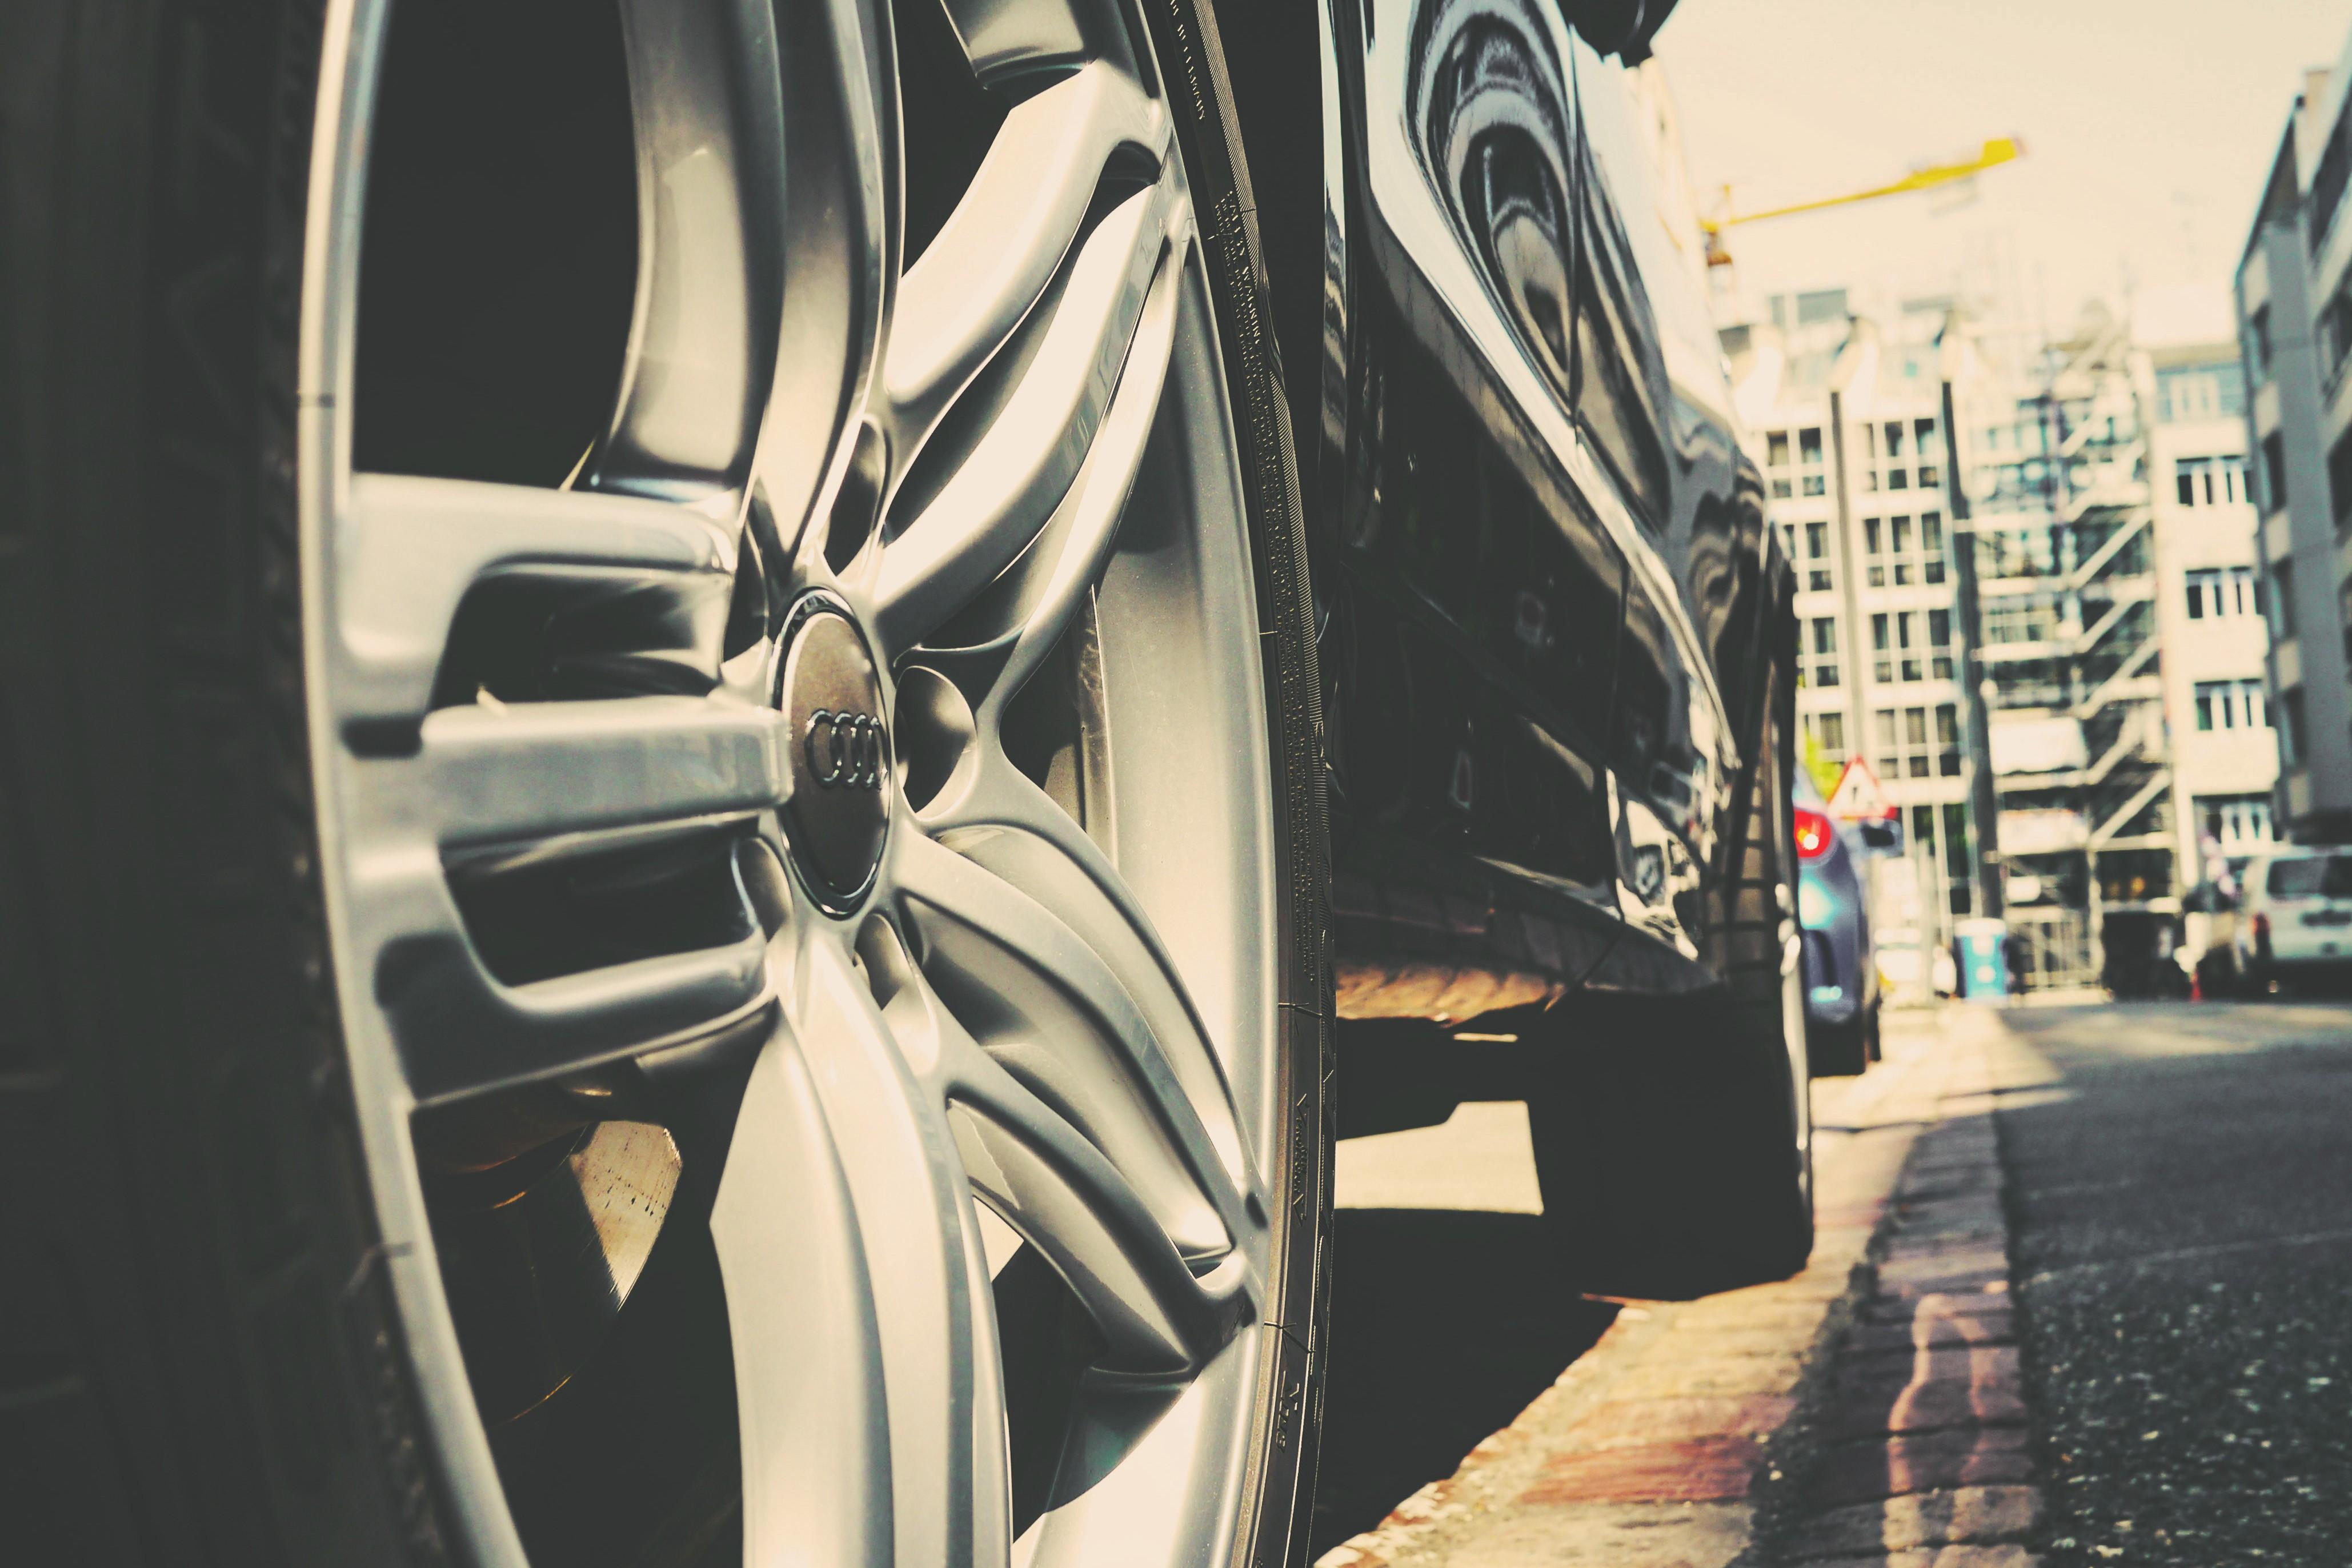 Hintergrundbilder : Weiß, schwarz, Stadt, Straße, Auto, Audi ...